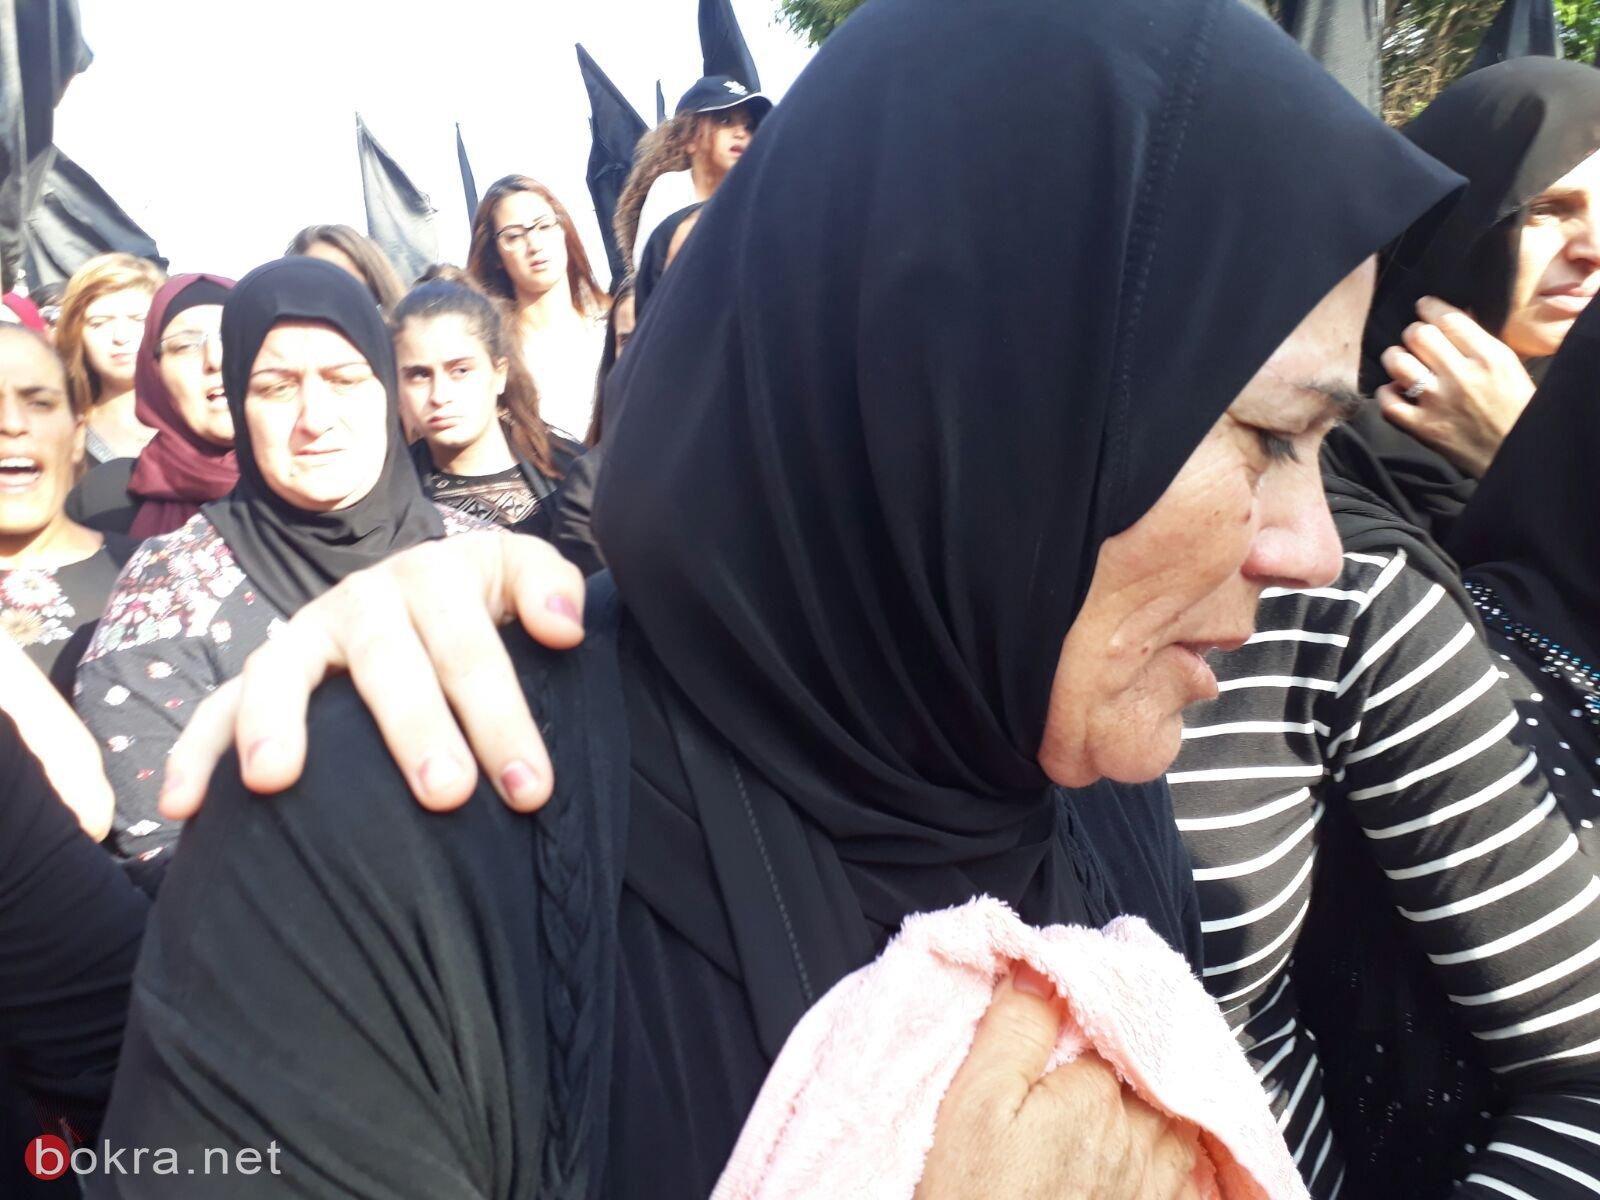 صراخ نساء ودعاء ام ثاكل في مظاهرة مجد الكروم امس ضد العنف